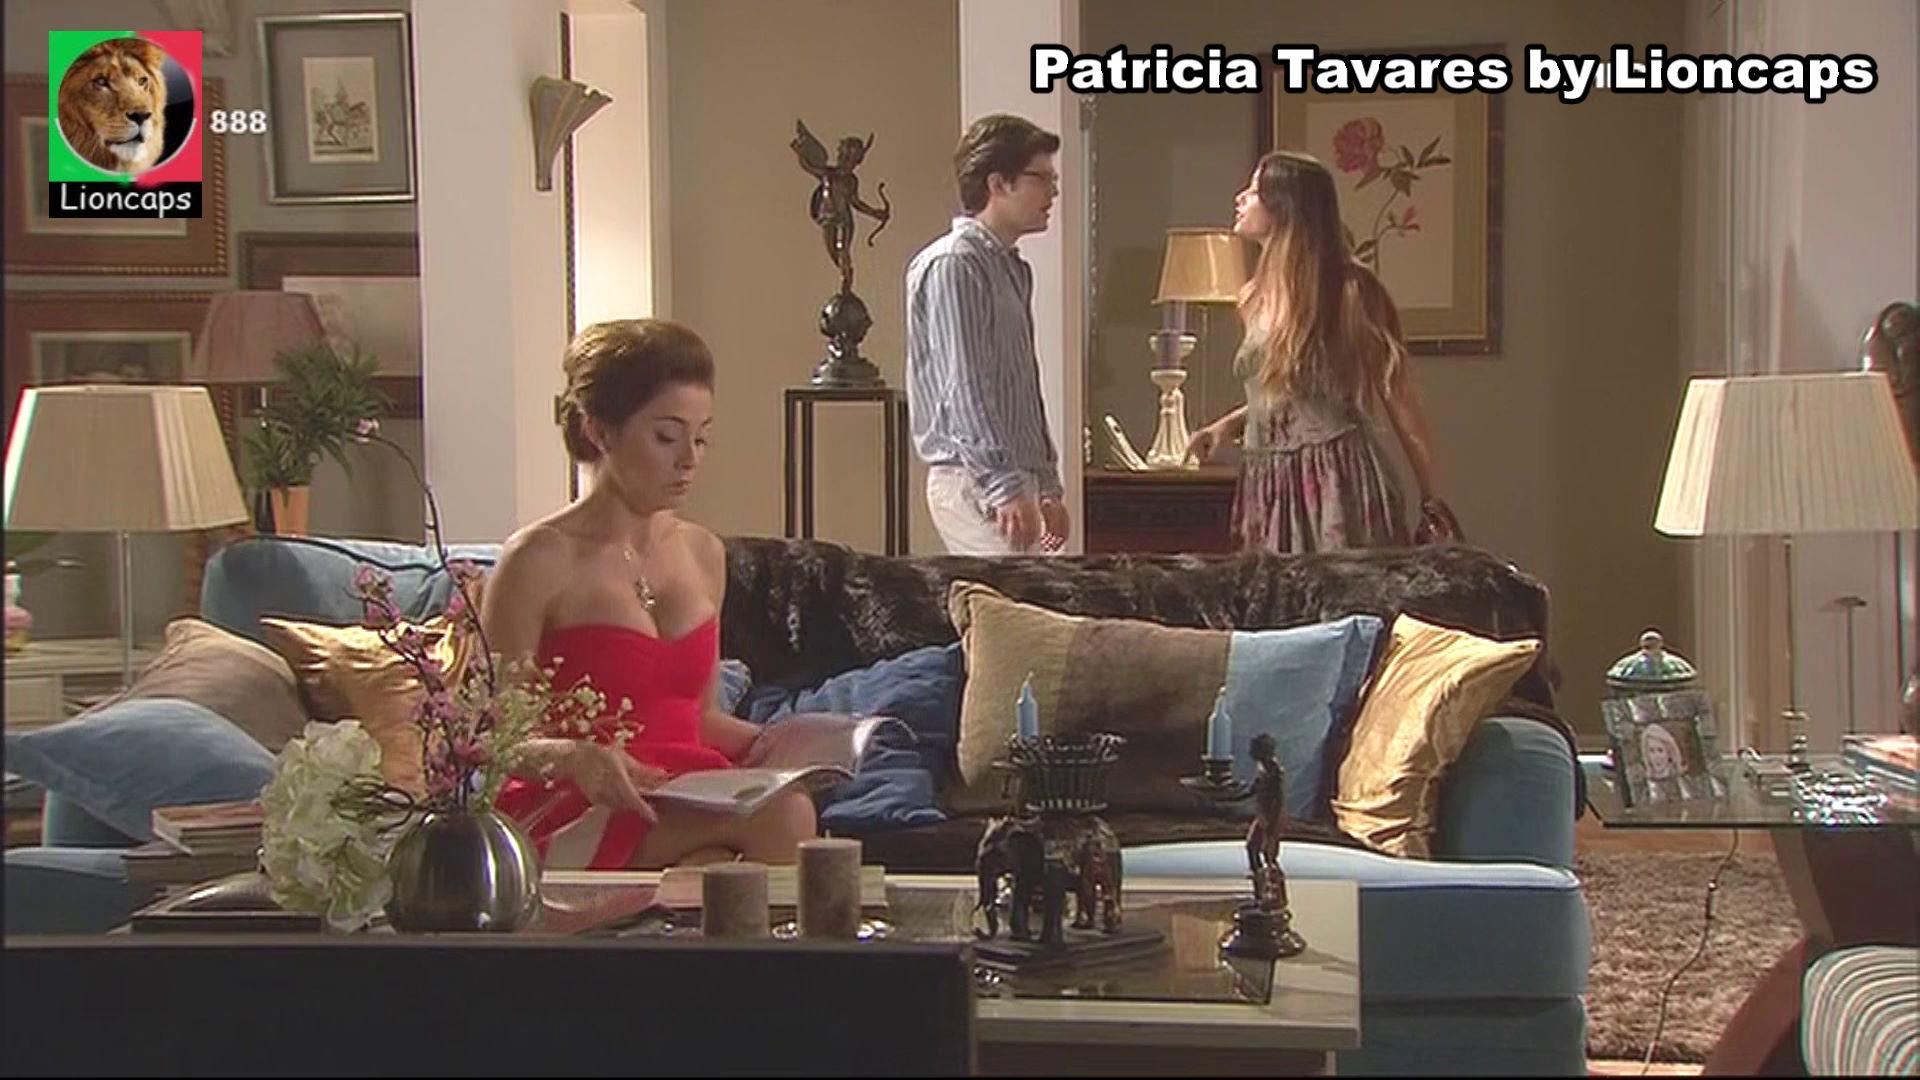 440229681_patricia_tavares_vs190324_14311_122_156lo.JPG